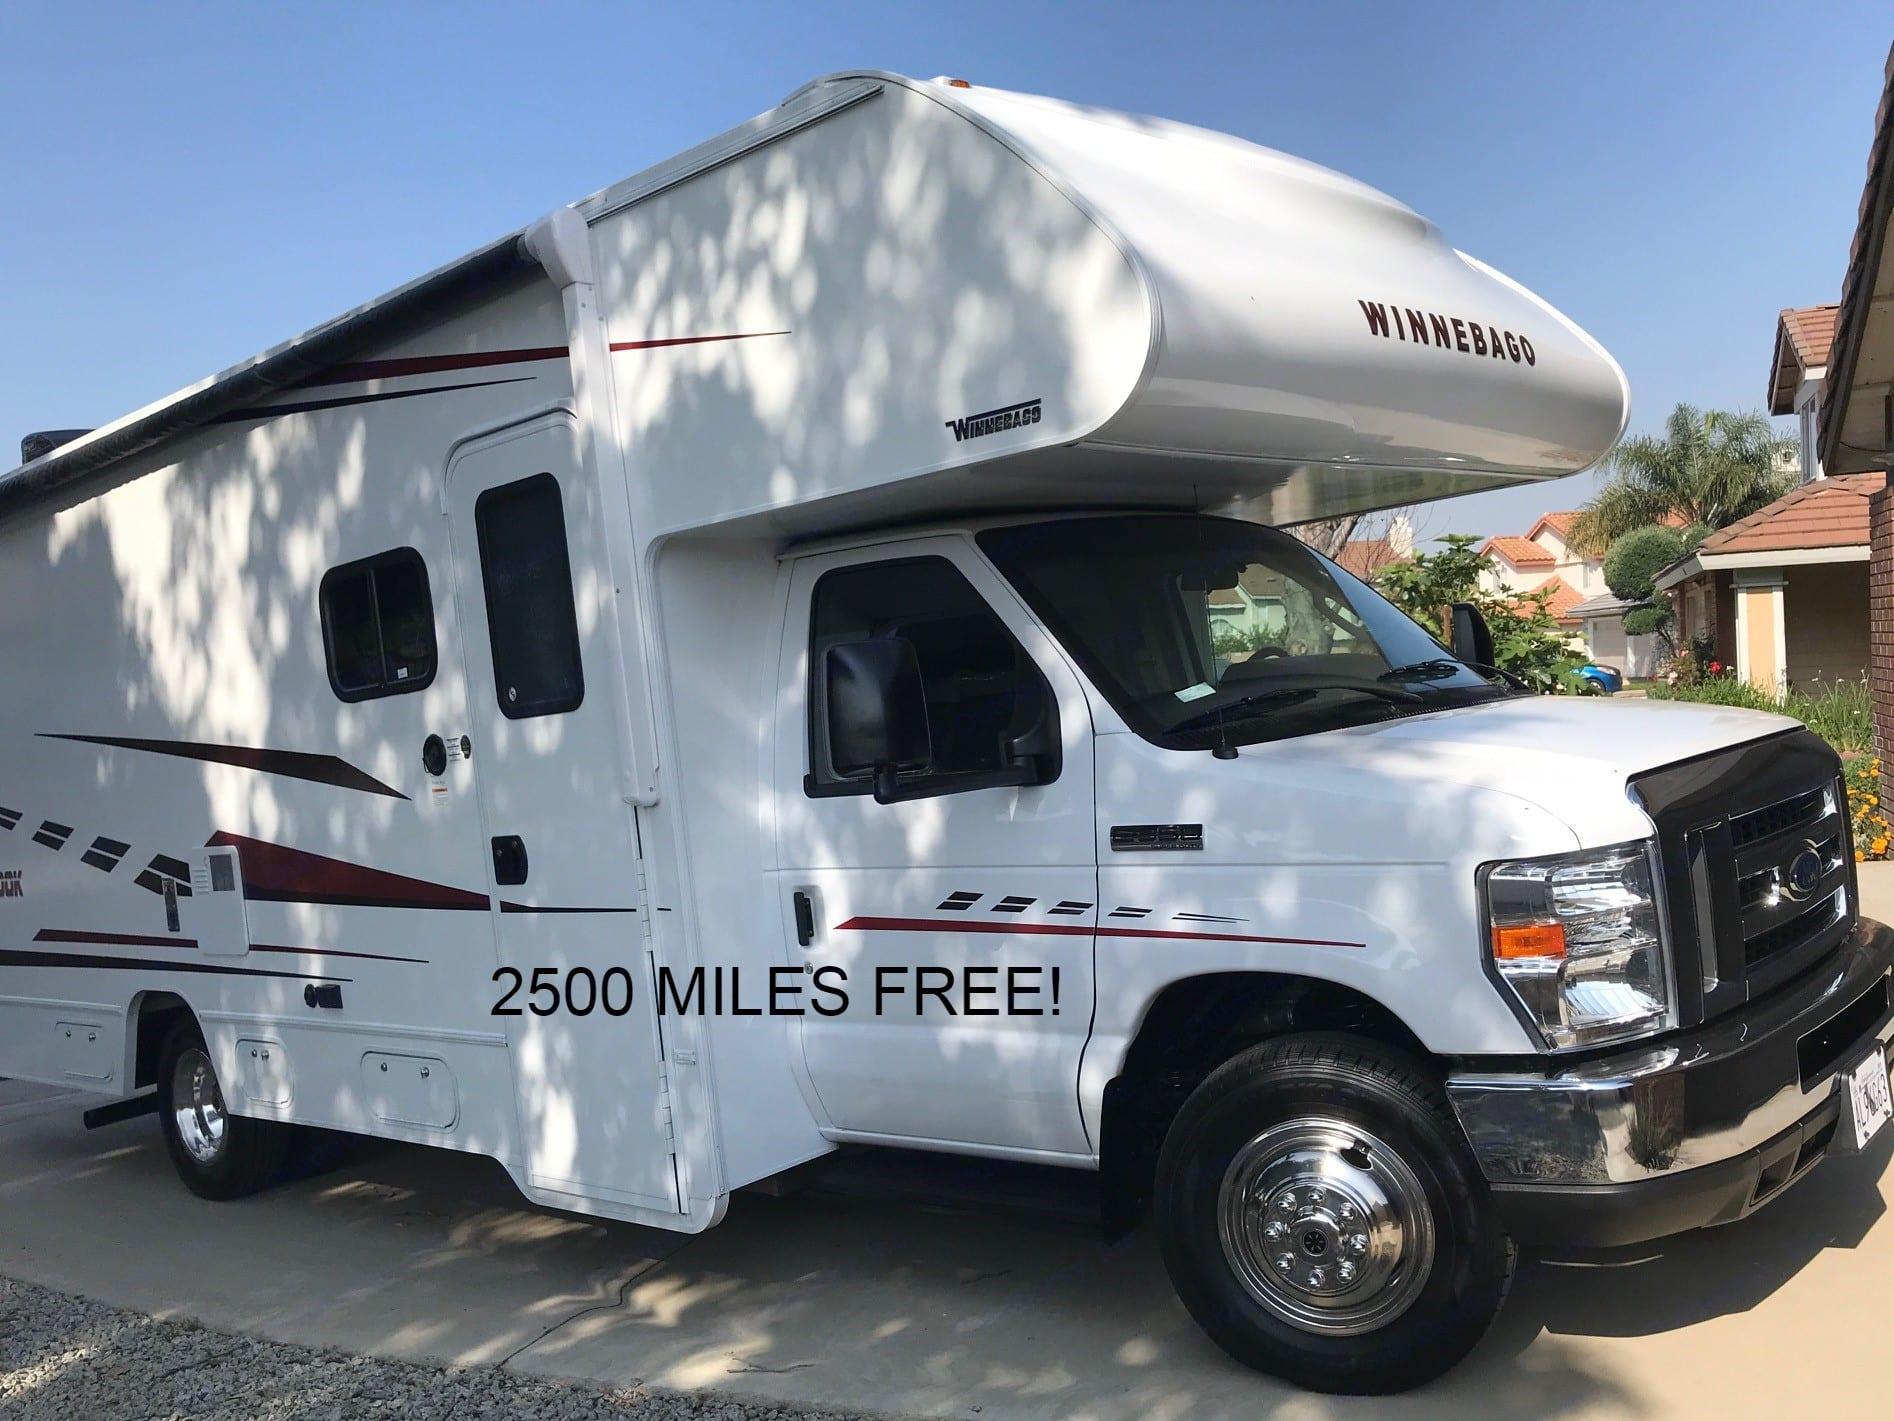 2500 MILES FREE!. WINNEBAGO Outlook 2019